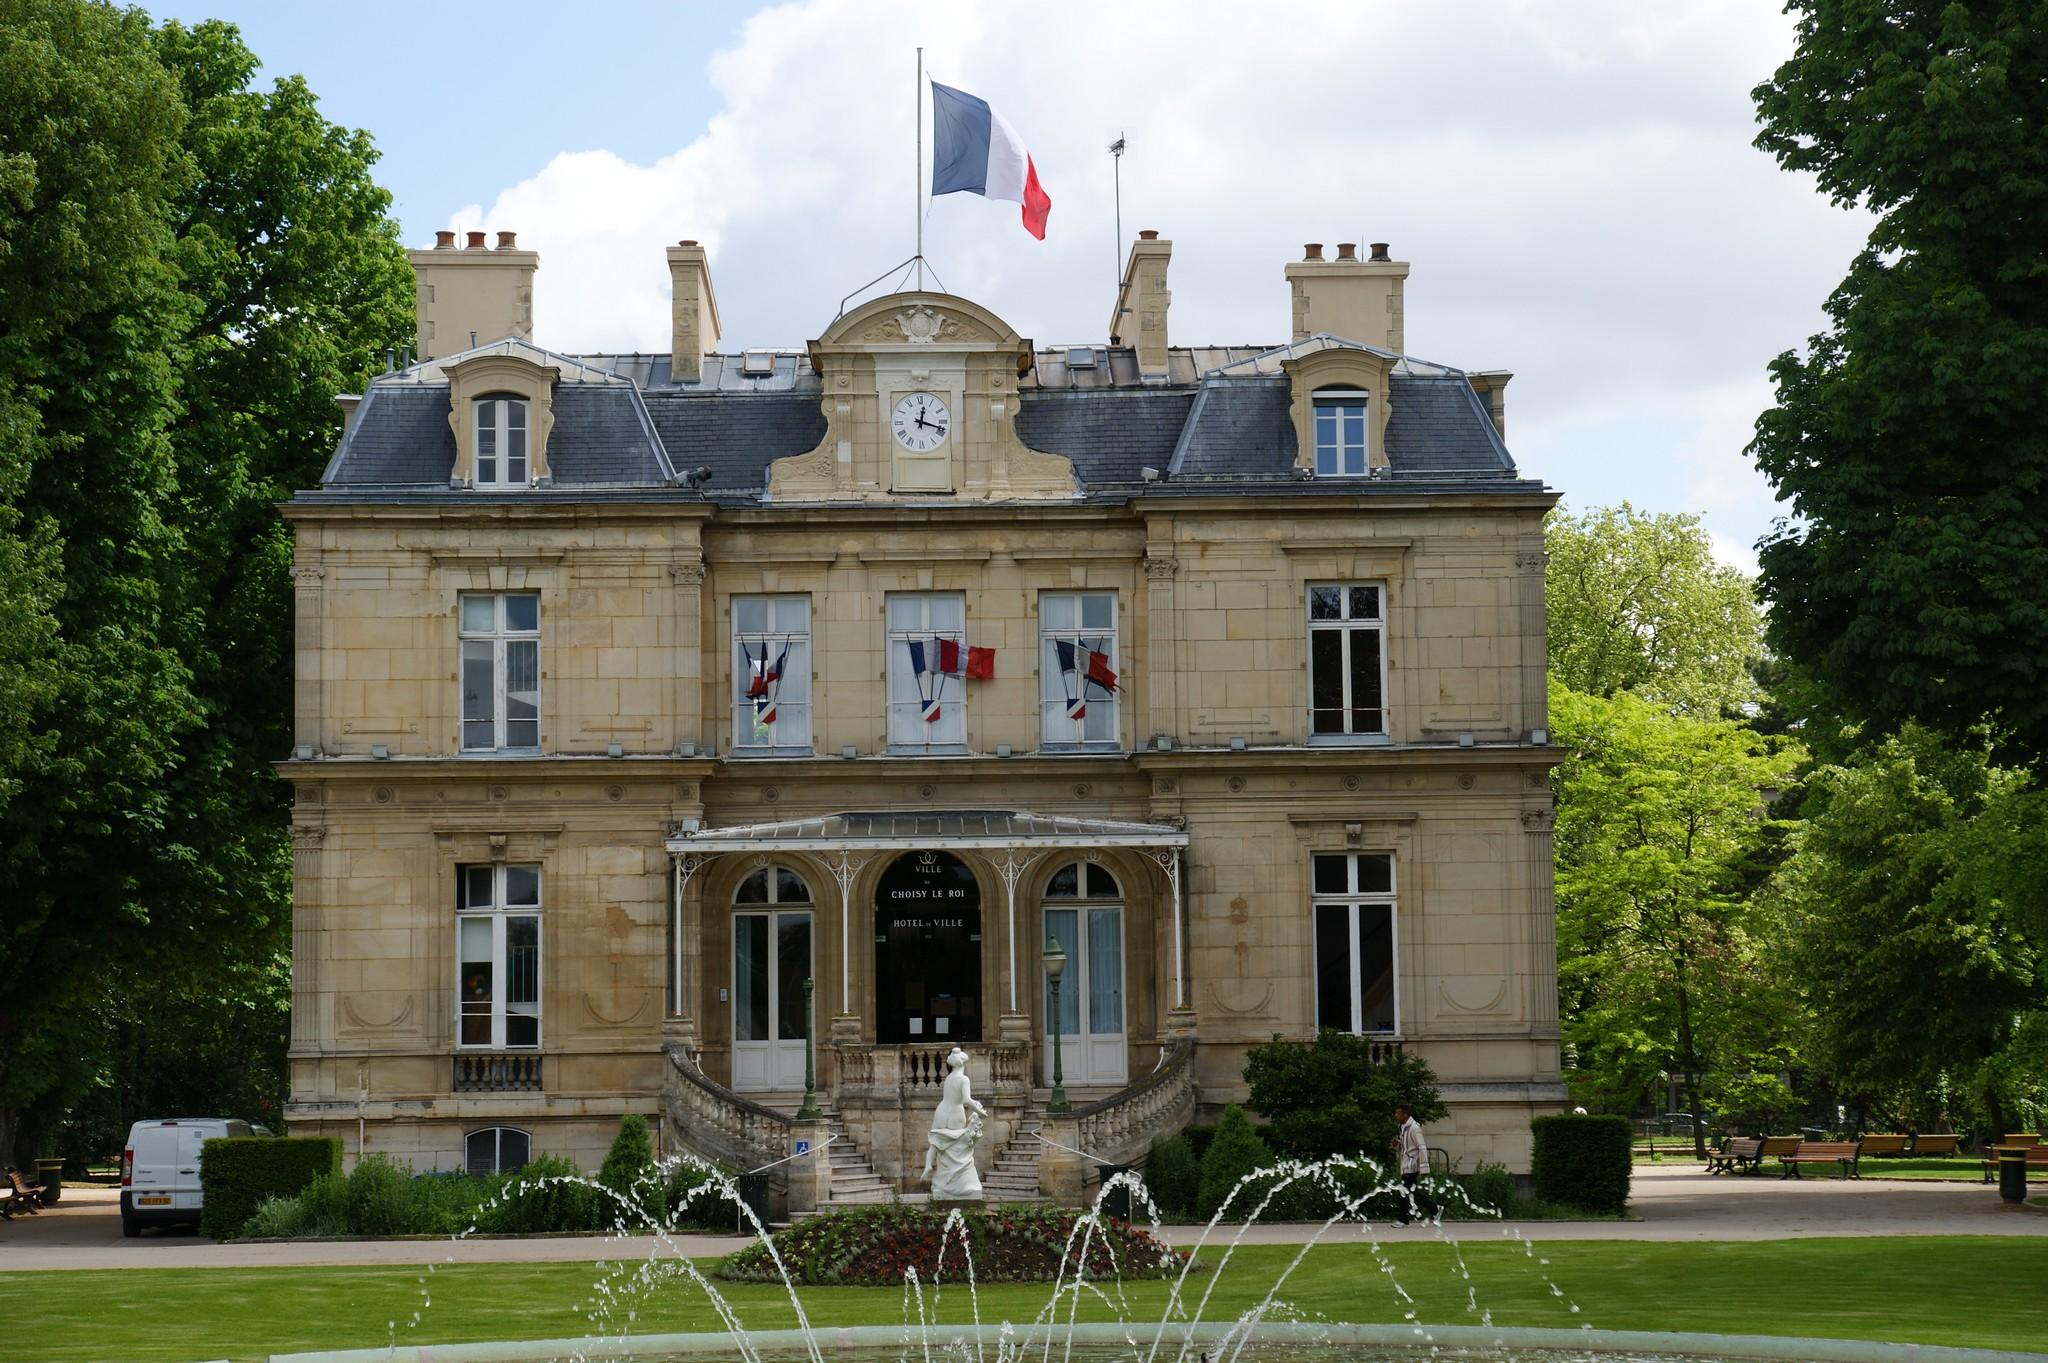 Mairie De Choisy Le Roi La Coule Verte Du Val De Seine